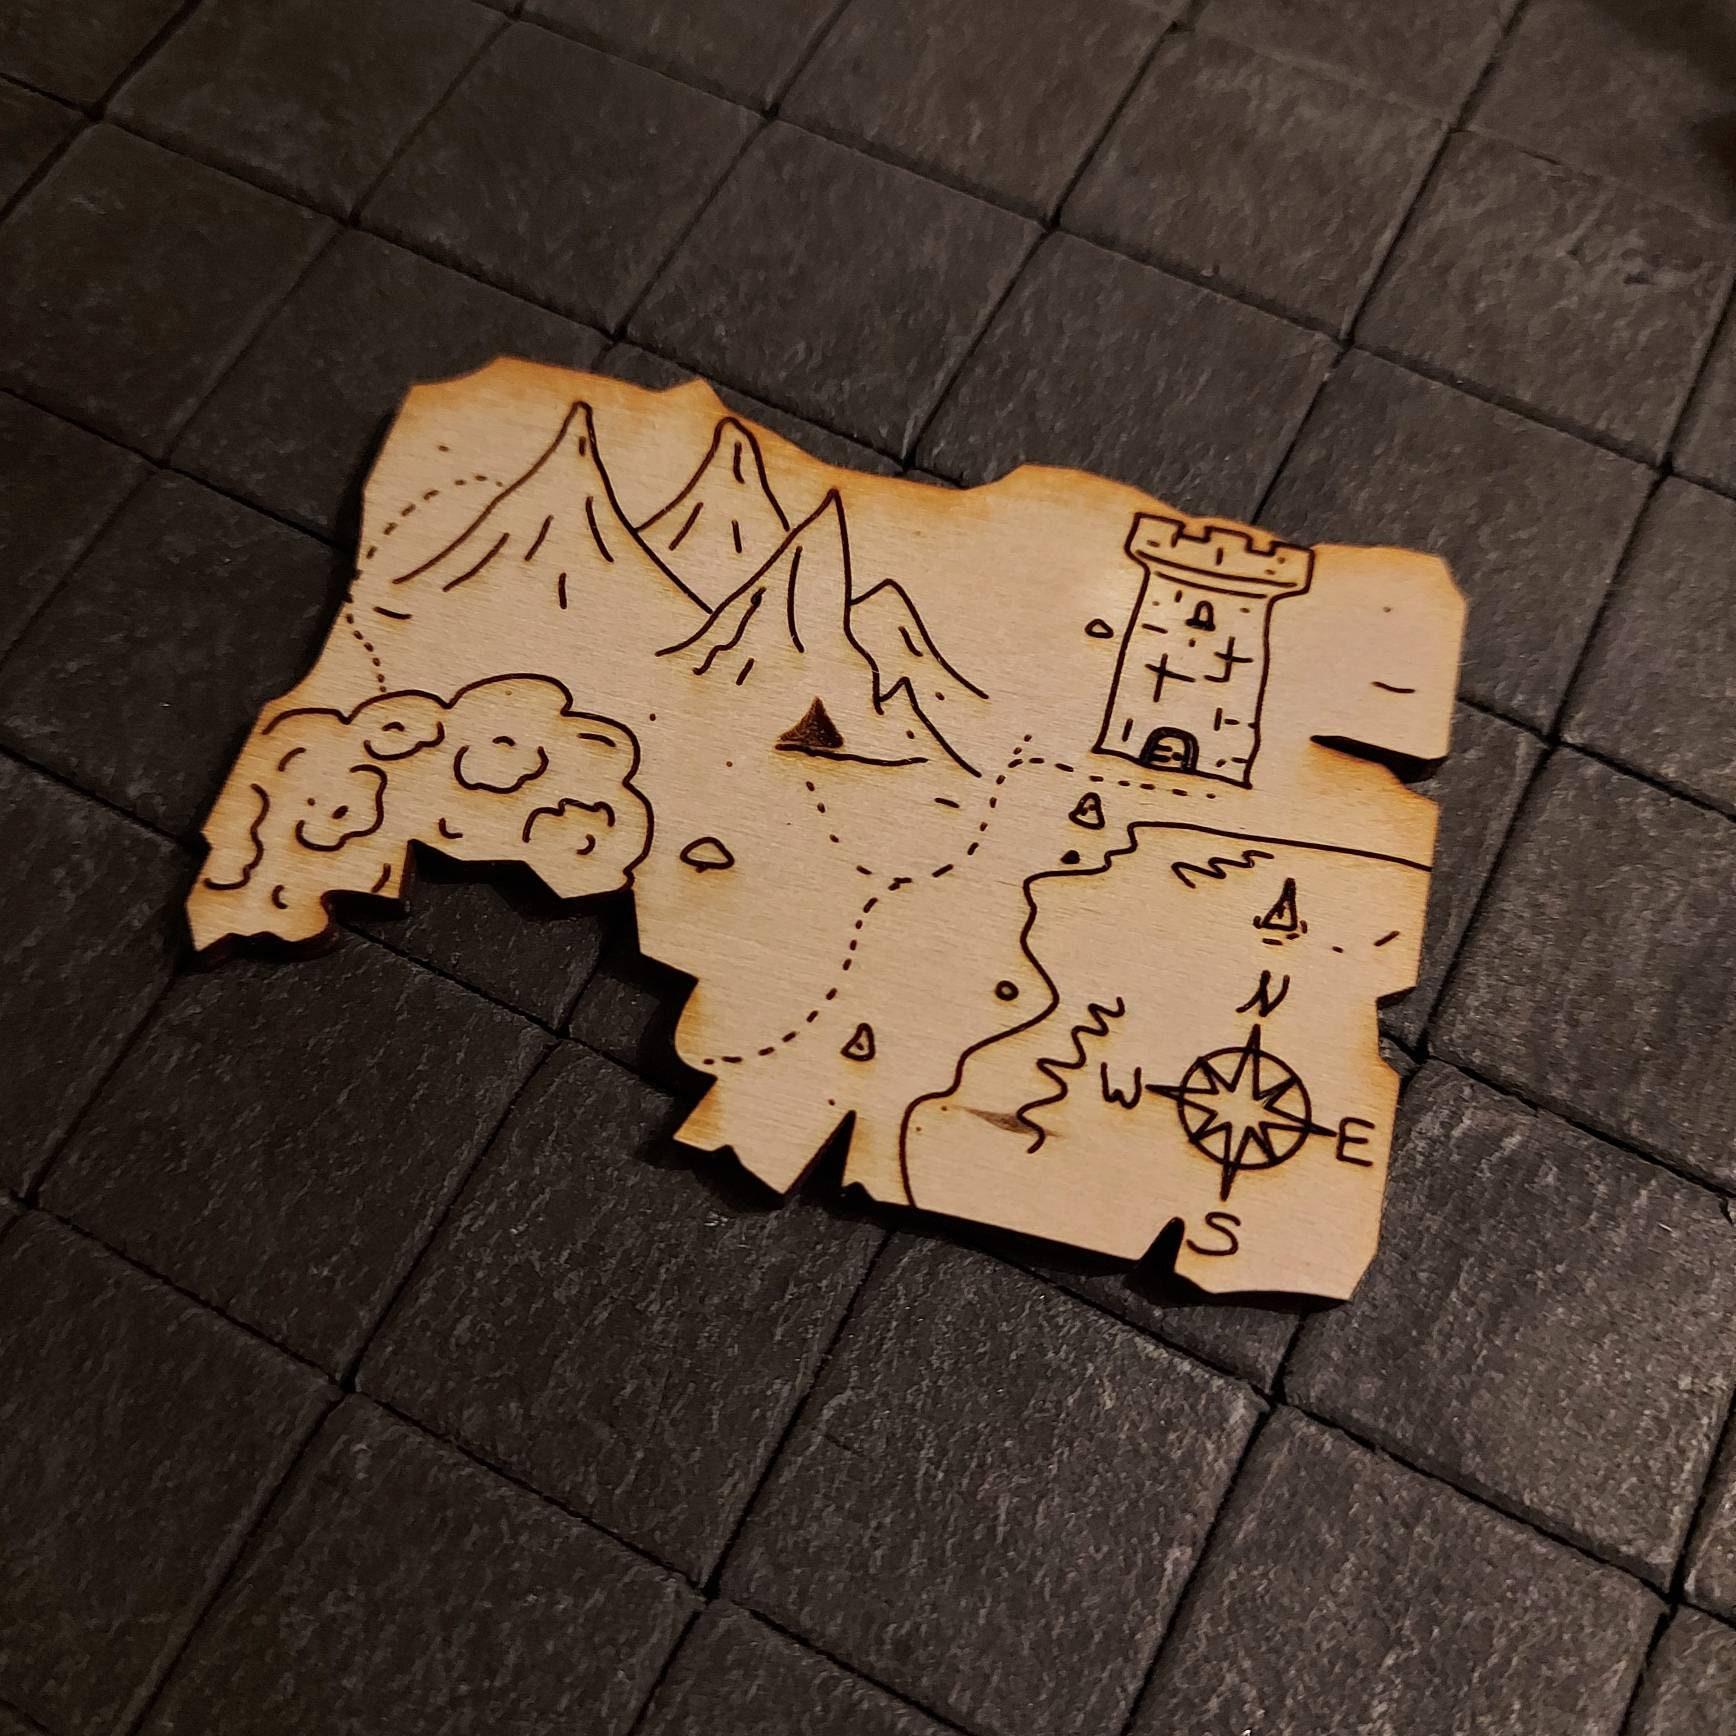 Treasure Map - Oi